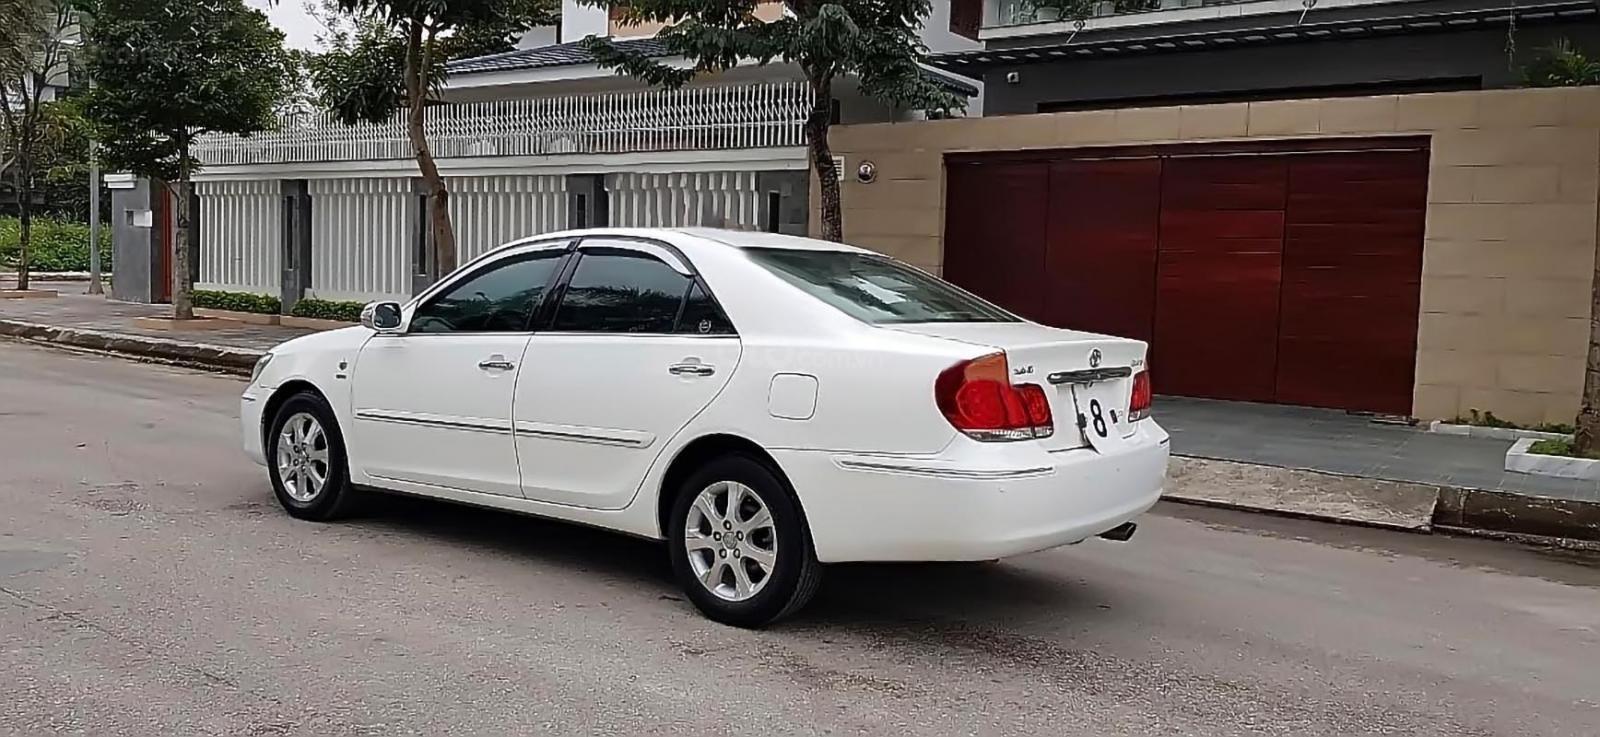 Bán ô tô Toyota Camry 3.0V sản xuất 2005, màu trắng (1)